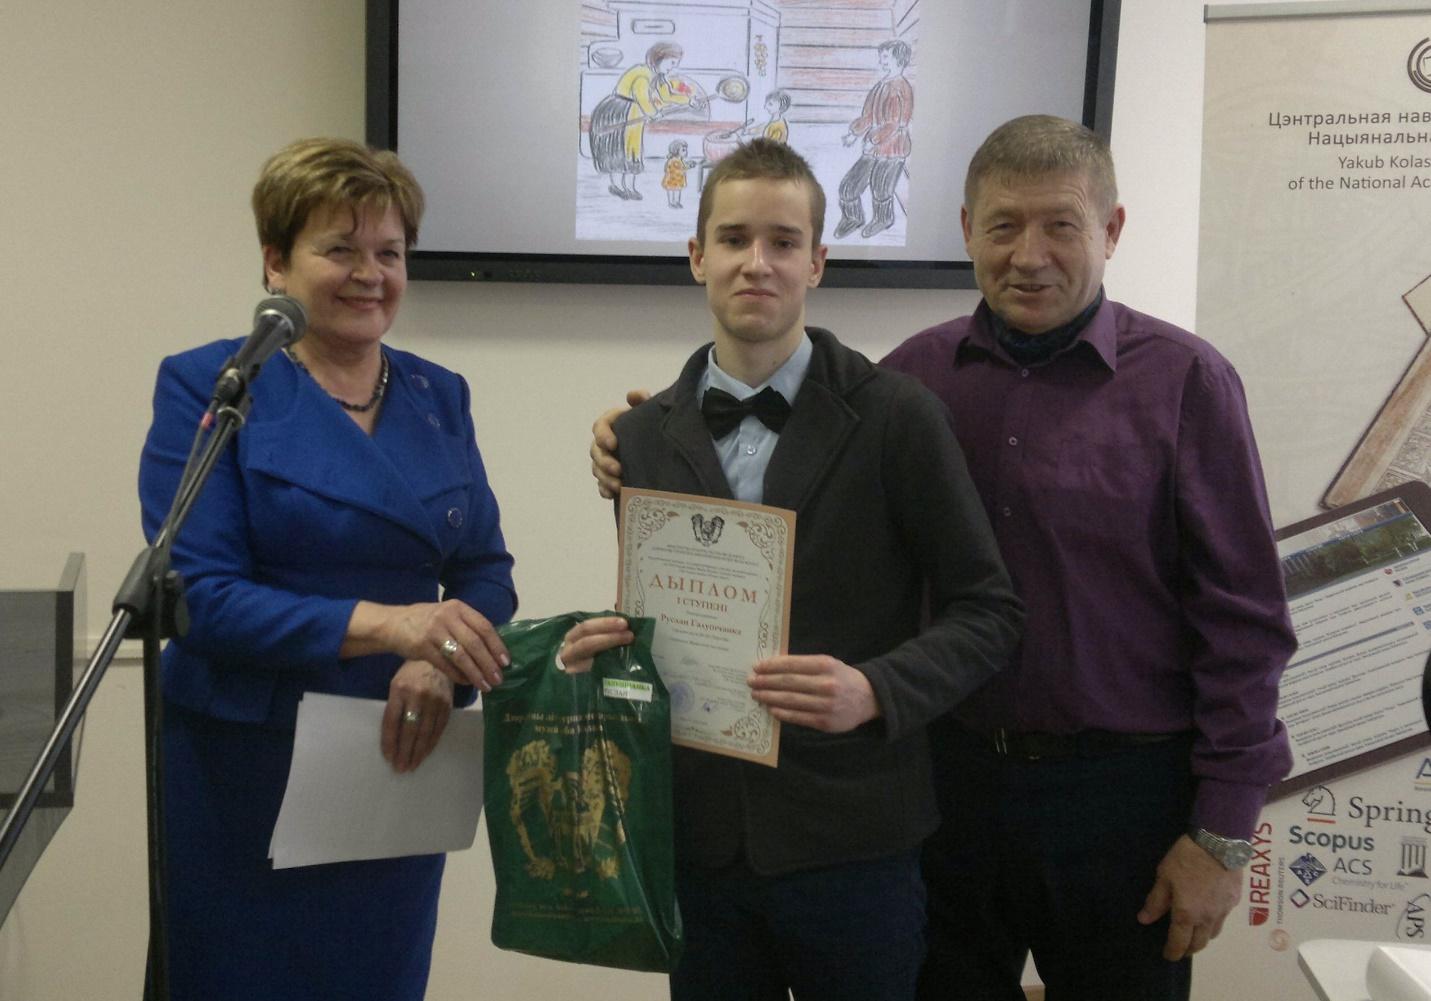 Школьник из Борисовского района получил Гран-при за творческую работу 2